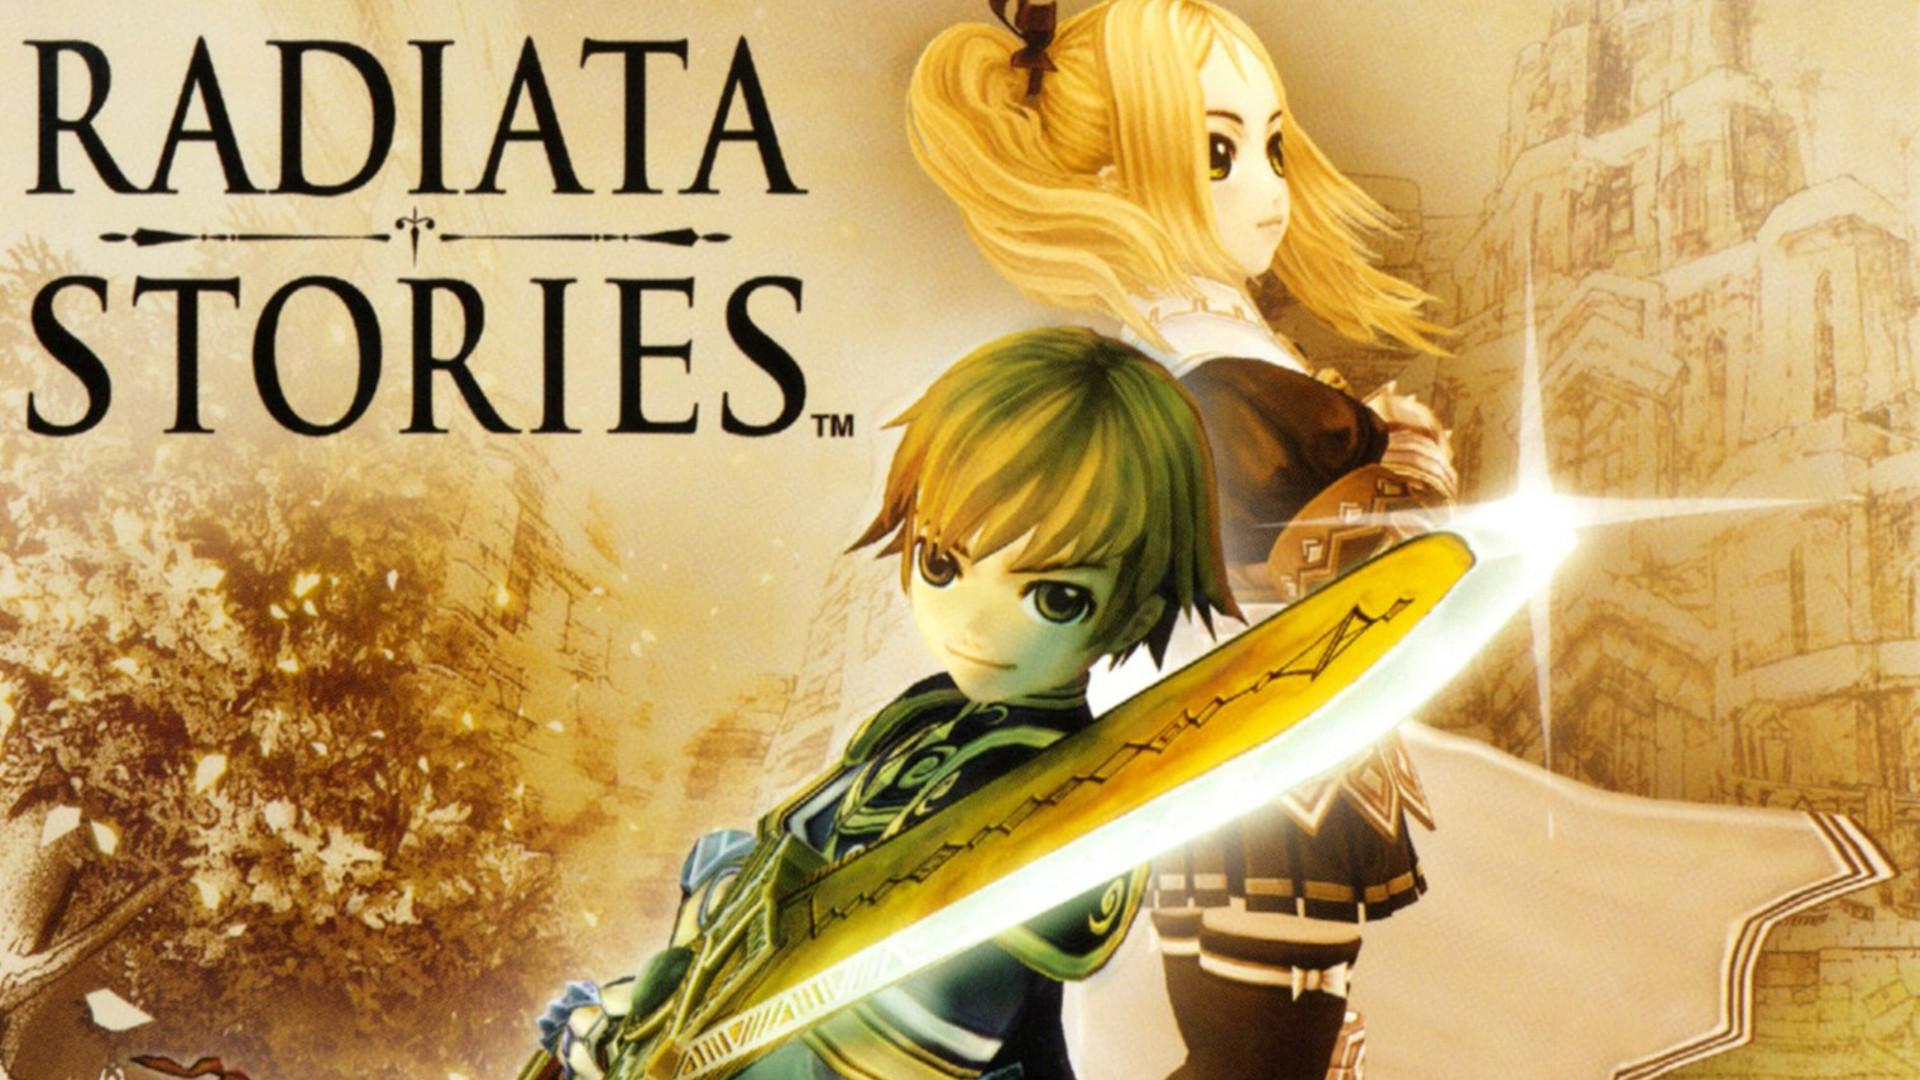 Radiata Stories HD Wallpaper